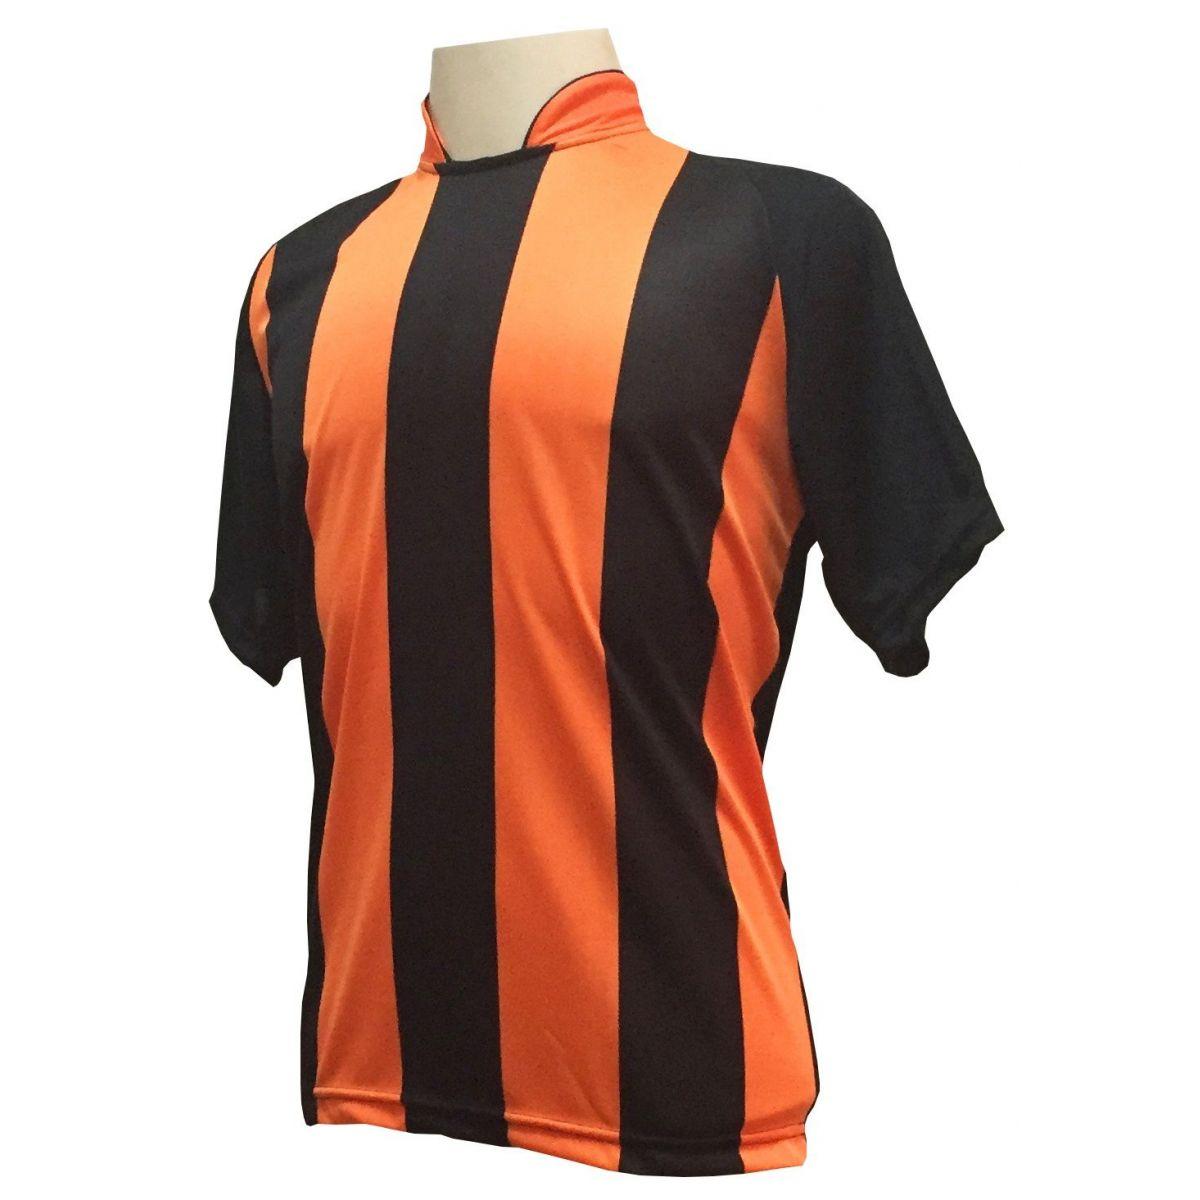 dc5191a5e7a3e ... Uniforme Esportivo com 20 camisas modelo Milan Preto Laranja + 20 calções  modelo Madrid Preto ...